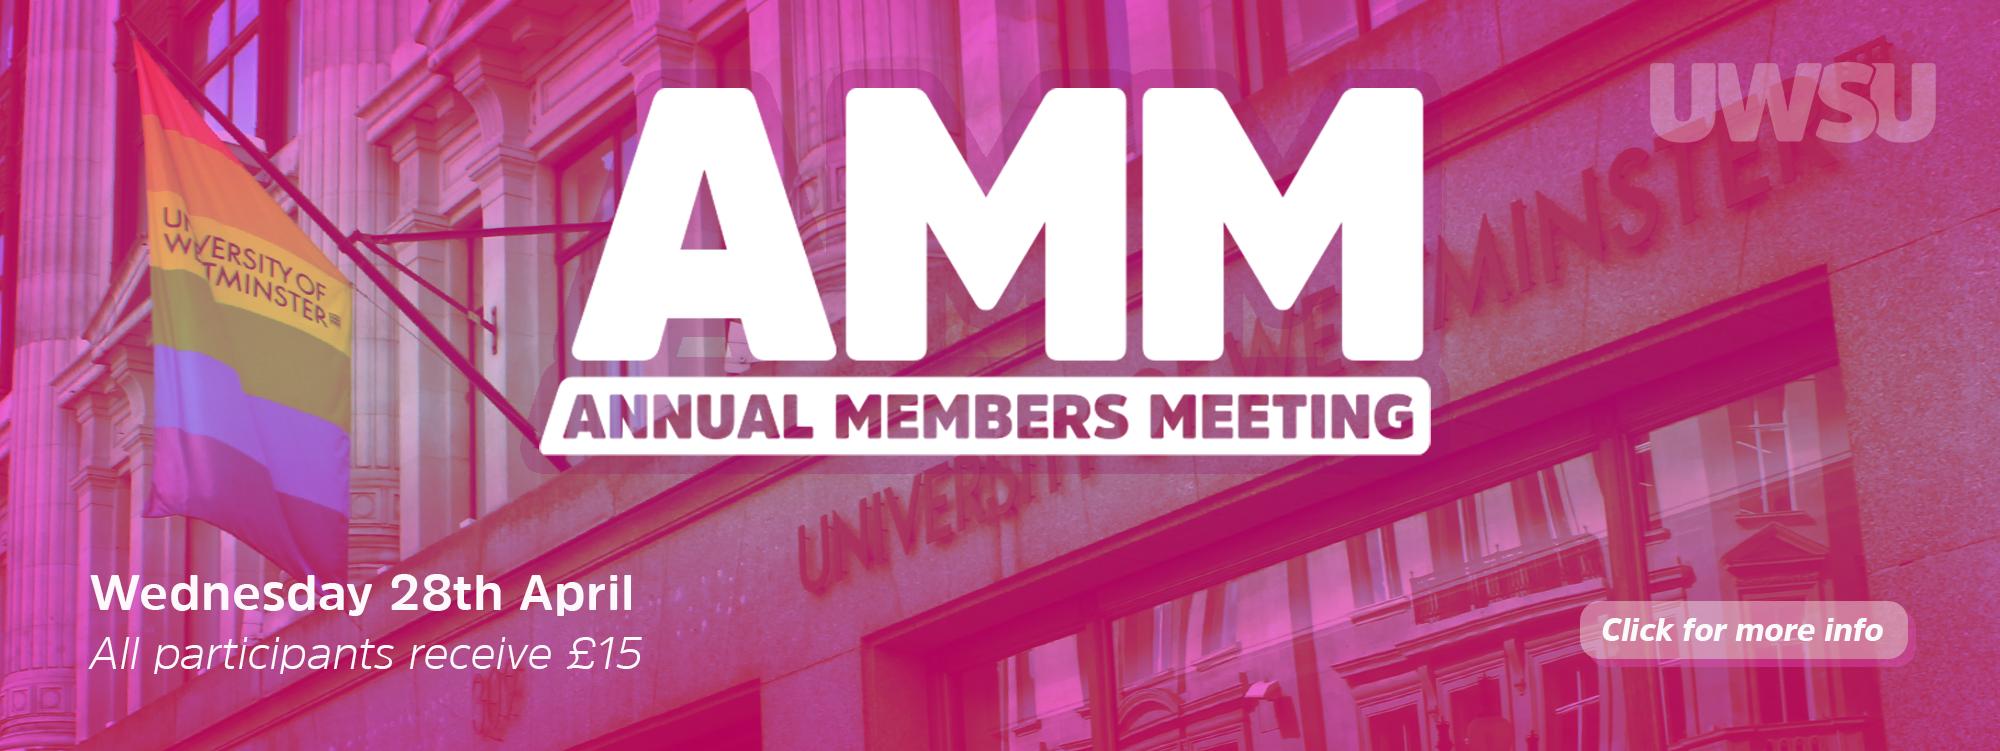 Amm21 webbanner